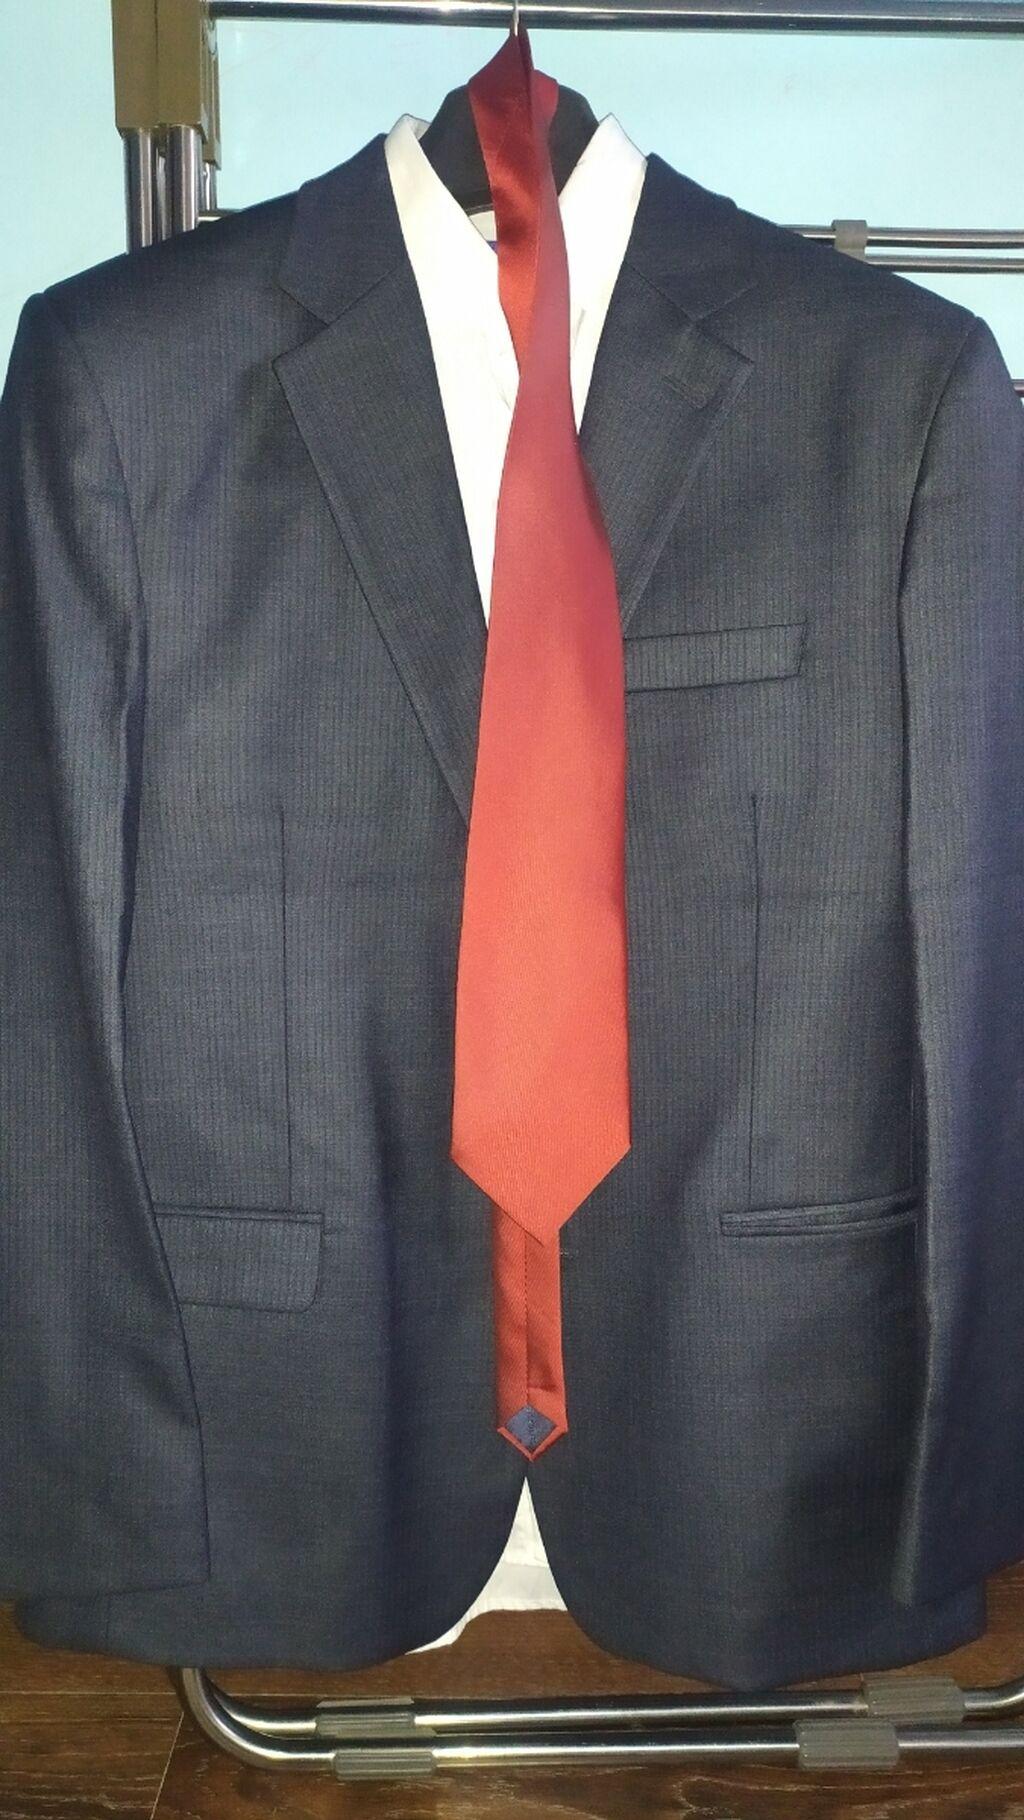 Мужской костюм, новыйОдет всего на часРазмер 50Темно серый цветБрюки: Мужской костюм, новыйОдет всего на часРазмер 50Темно серый цветБрюки